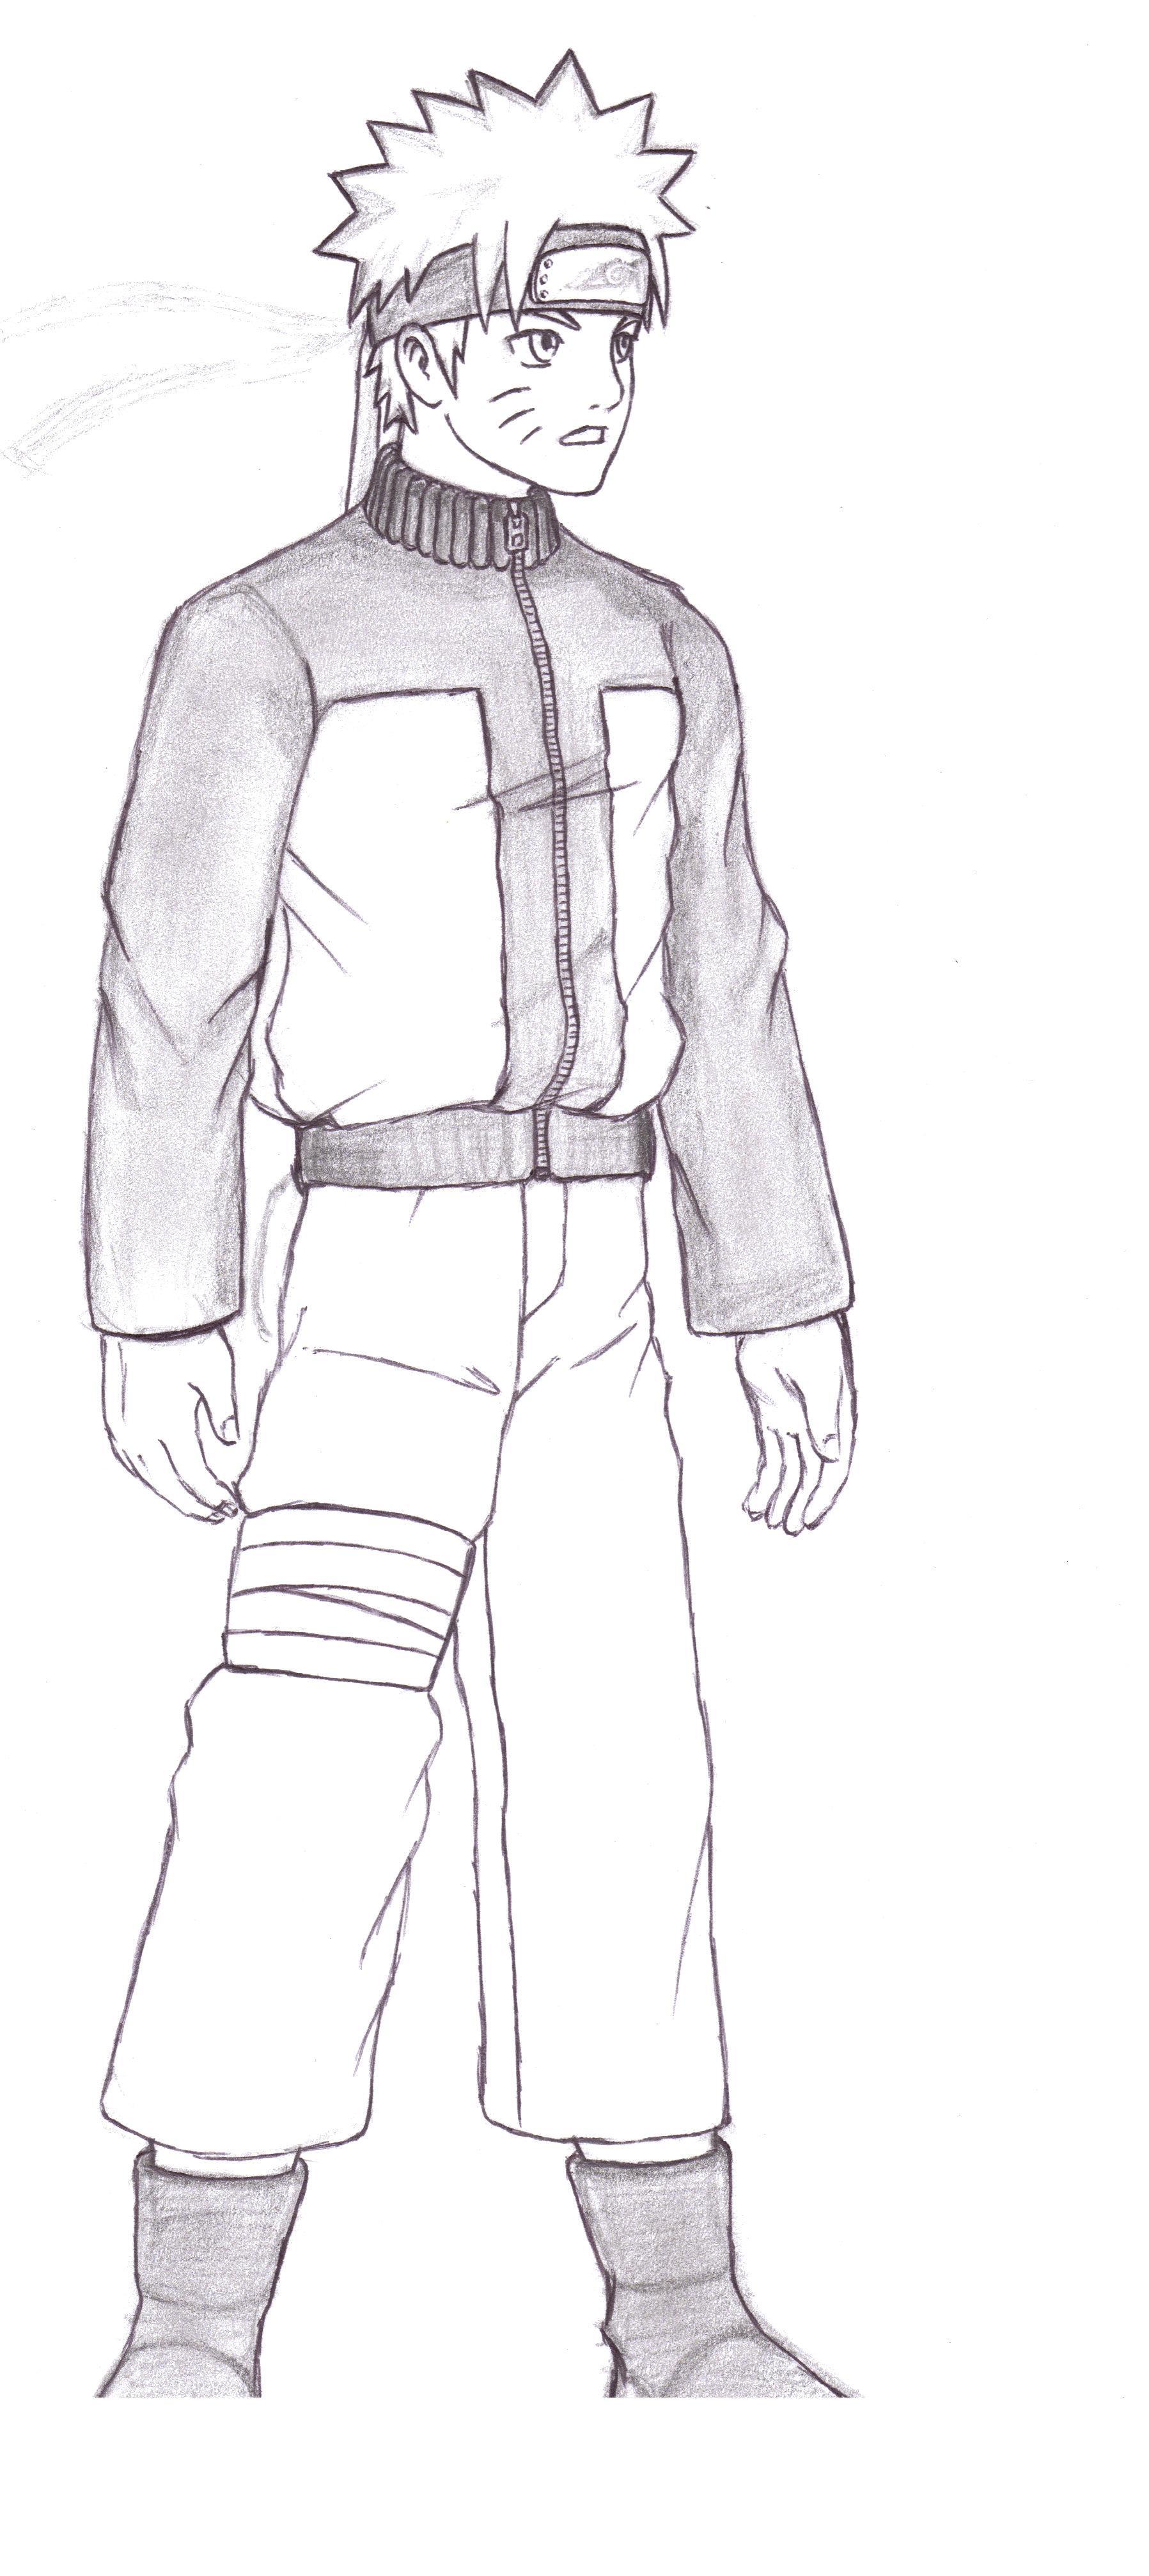 naruto cuerpo body by shikunke on DeviantArt